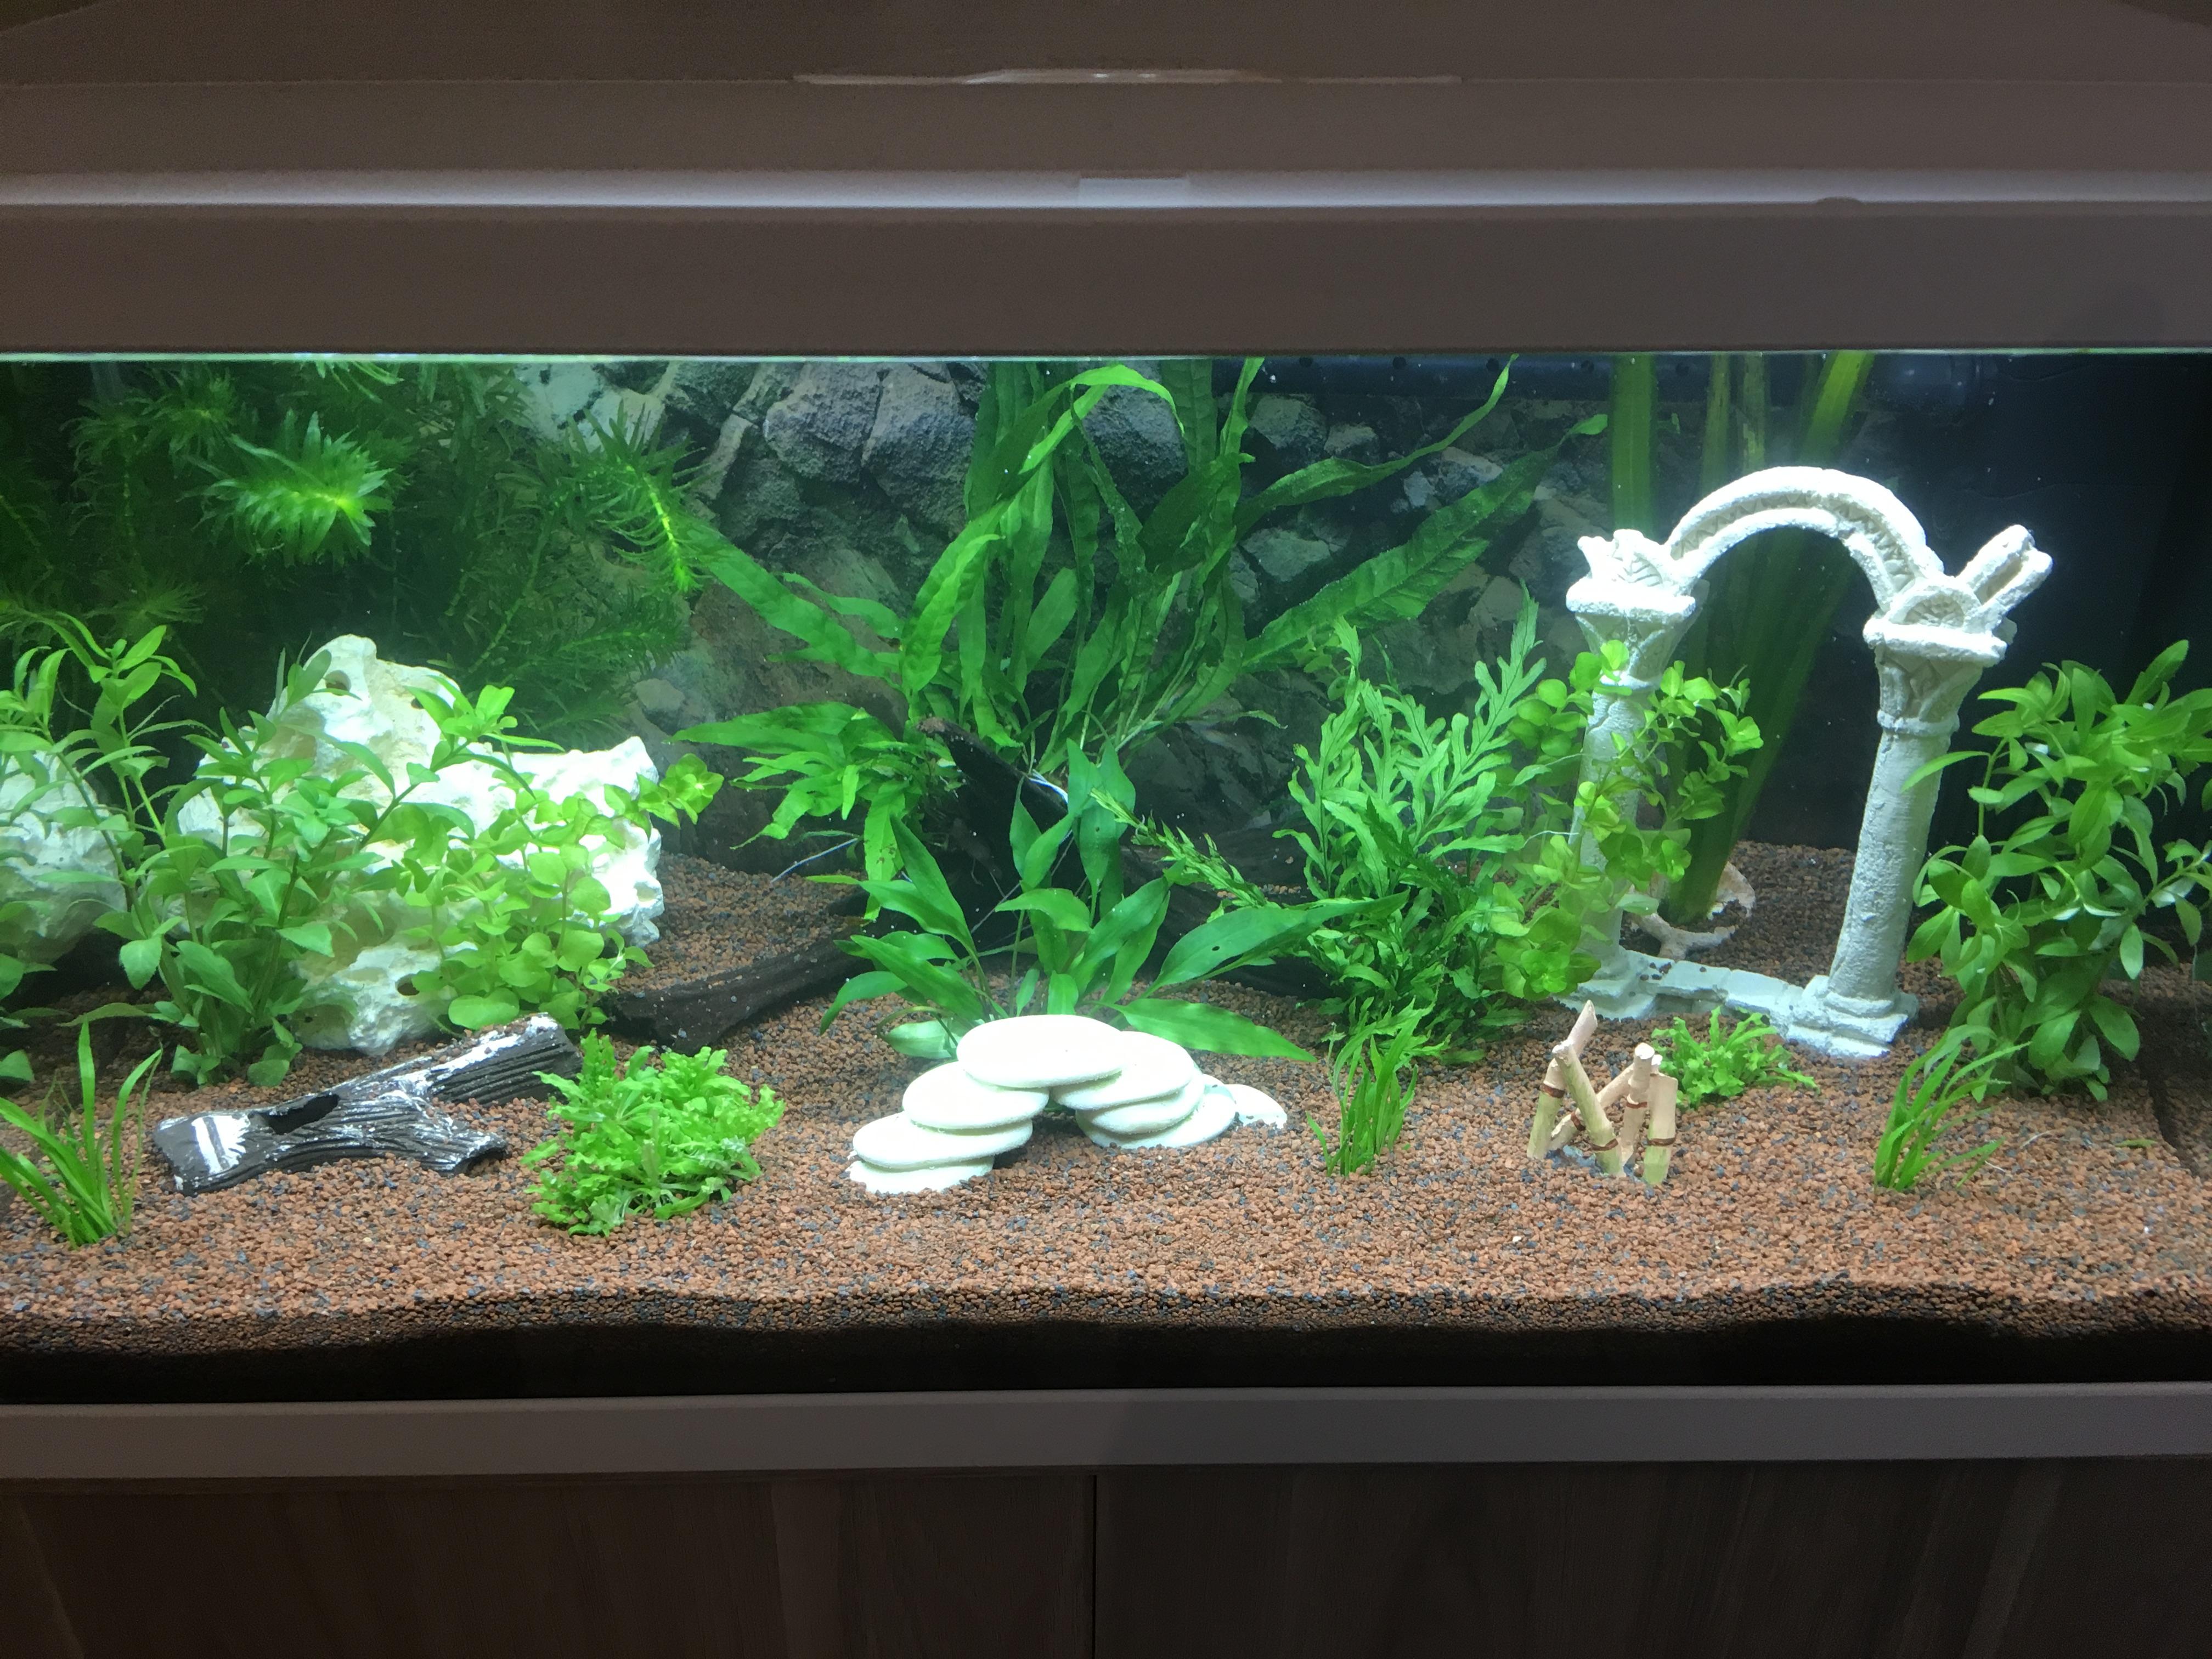 Mon premier bac 50 litres forum poissons for Aquarium 50 litres occasion